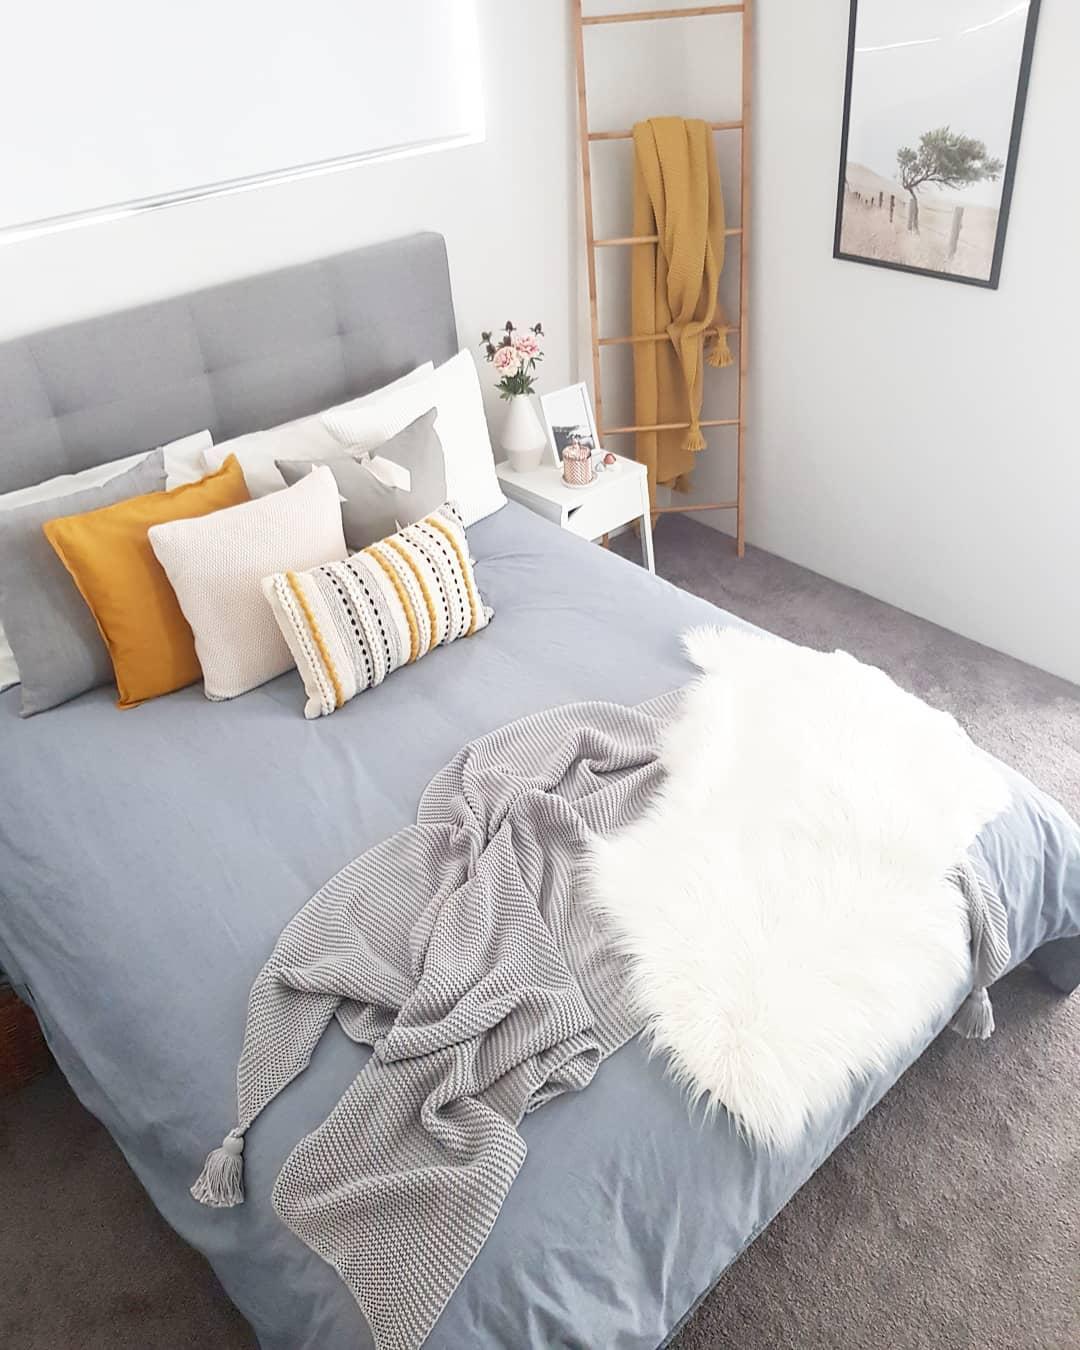 Раскладываем подушки классическим методом: в два ряда поочередно сначала большие, потом маленькие подушки и посередине самую маленькую